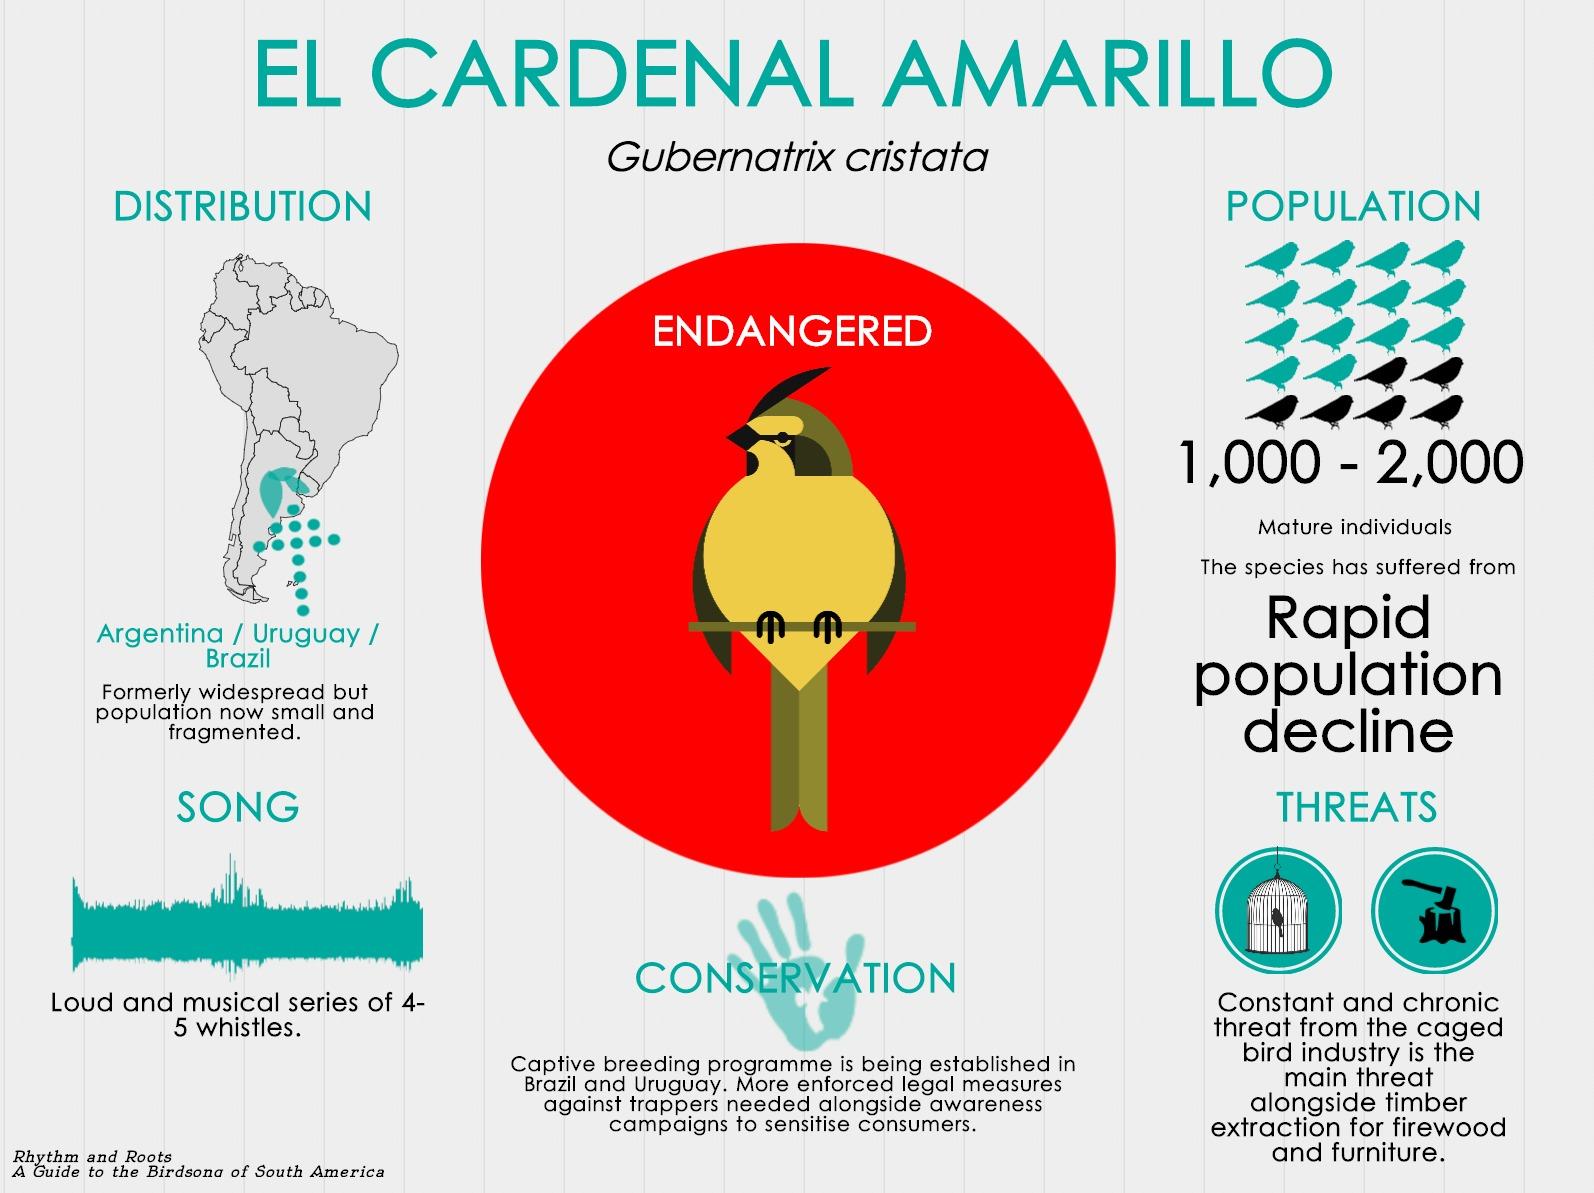 El Cardenal Amarillo